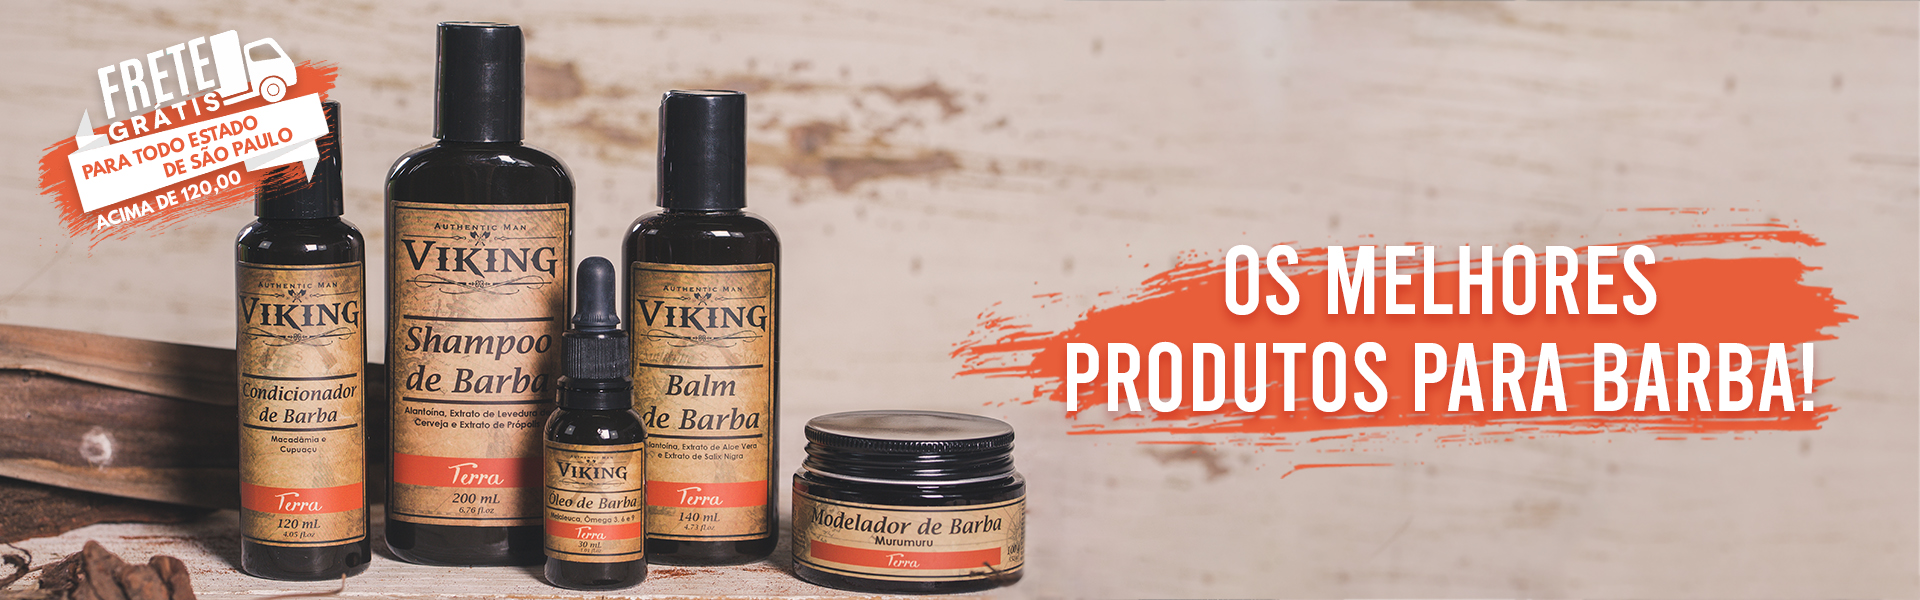 Os melhores produtos para barba